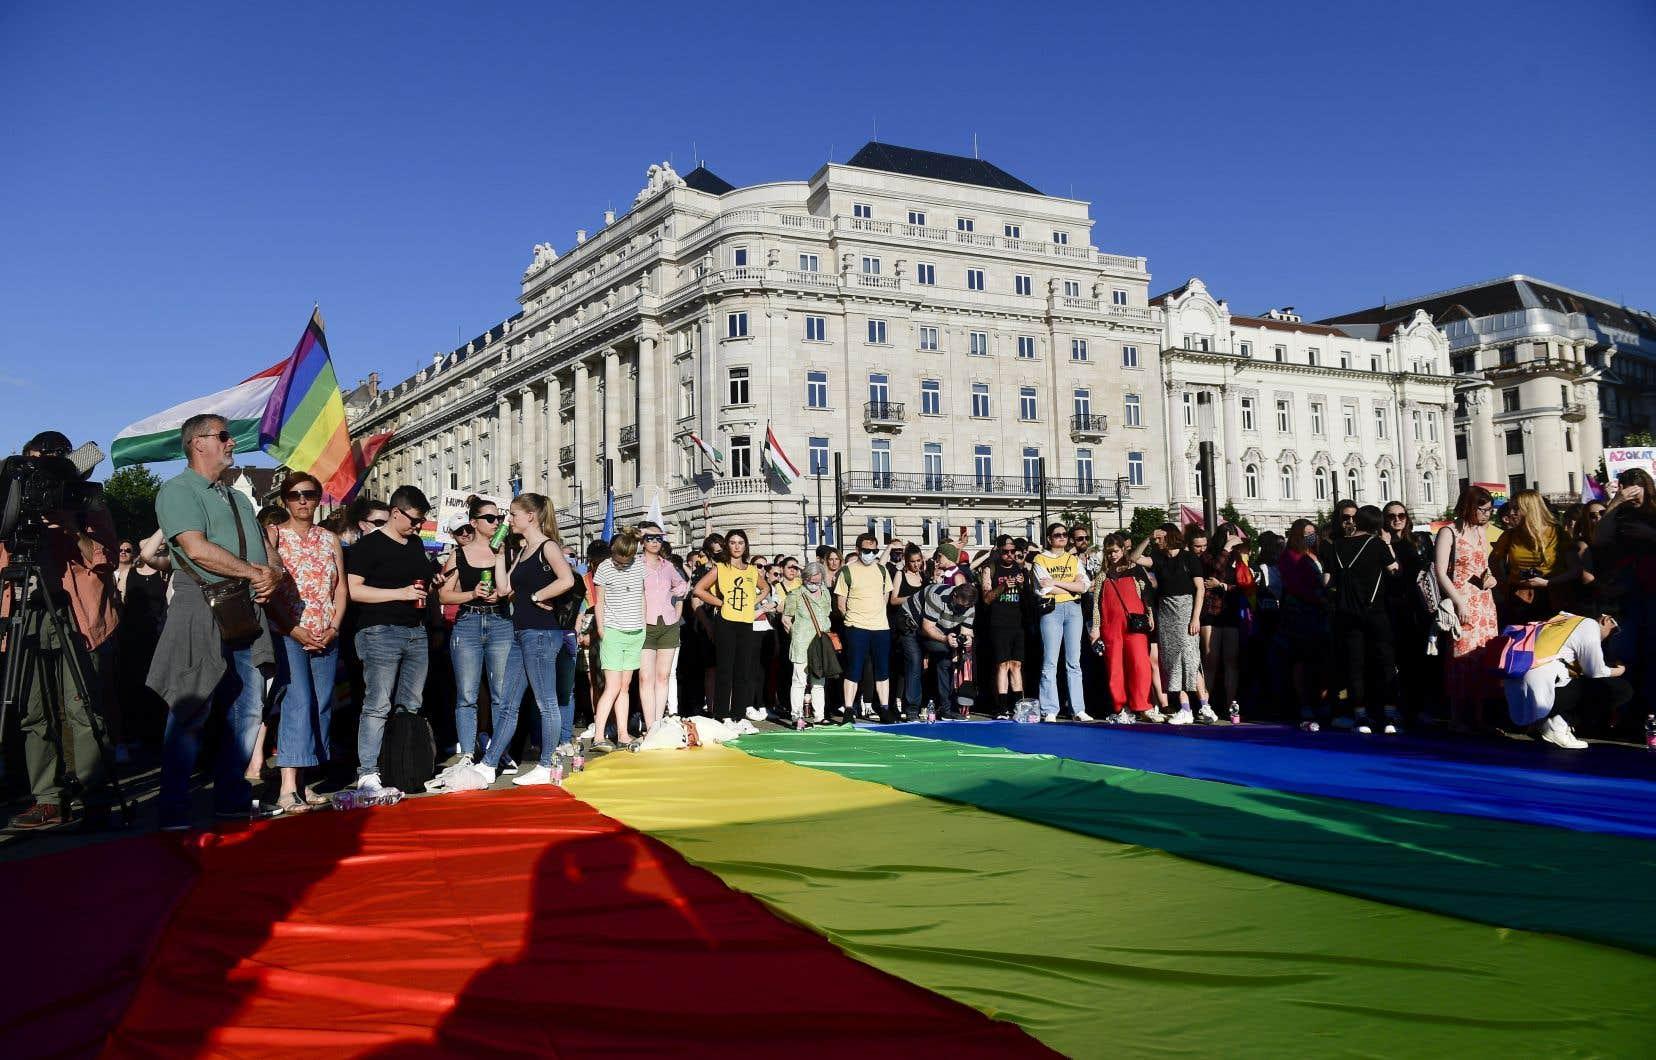 La Hongrie avait déjà accentué son offensive contre la communauté LGBTQ+ en décembre dernier, en inscrivant dans la Constitution la définition du sexe d'une personne comme étant uniquement celui de la naissance et en interdisant de facto l'adoption aux couples de même sexe.